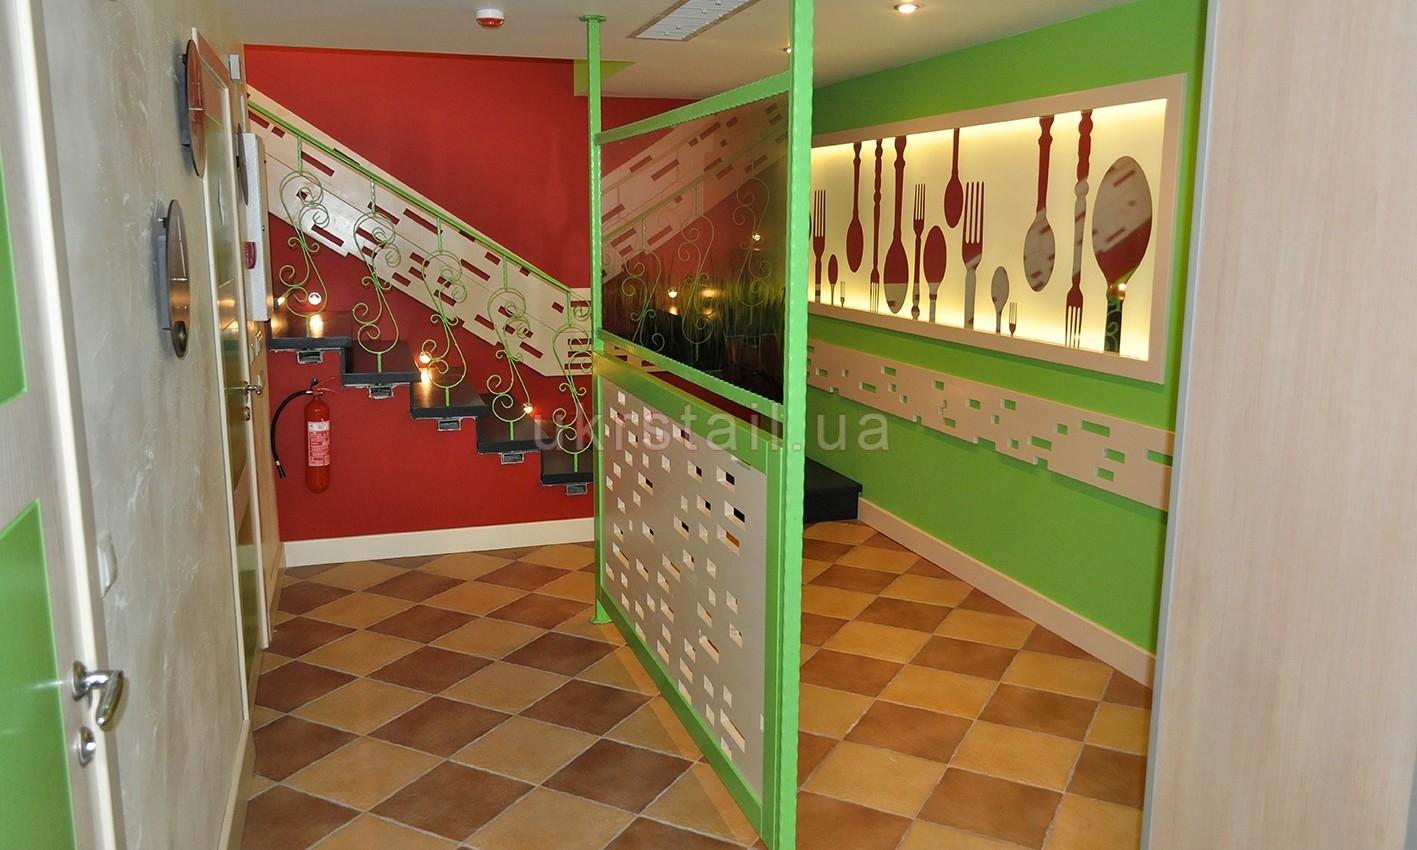 Декоративная стеновая панель ресторана Оливье Киев 11